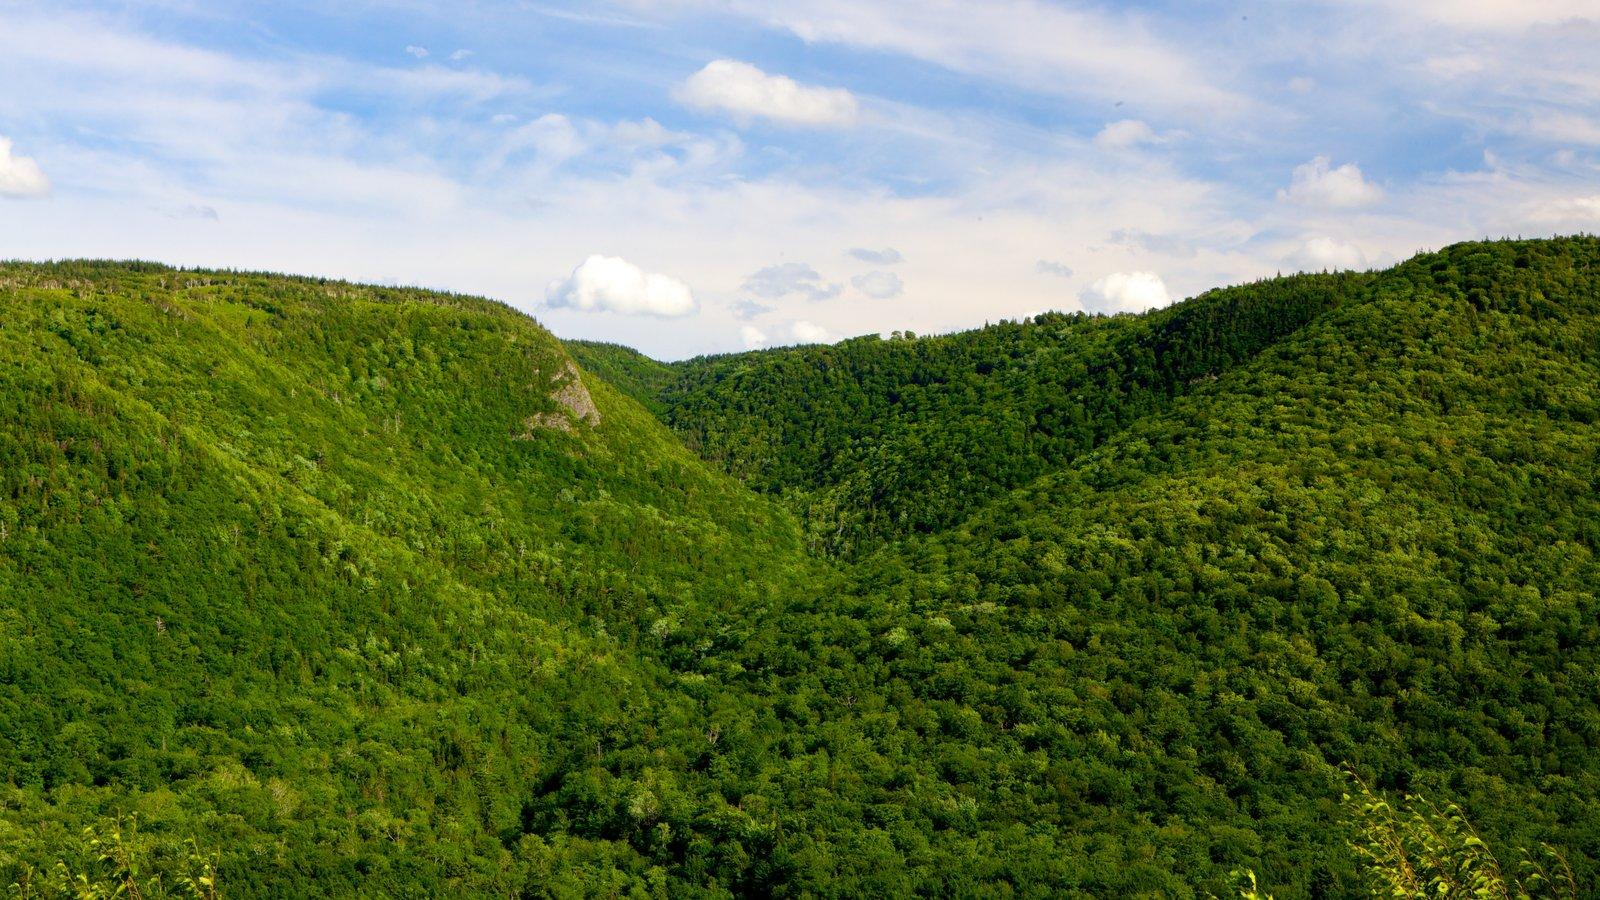 Cape Breton Highlands National Park que inclui montanhas